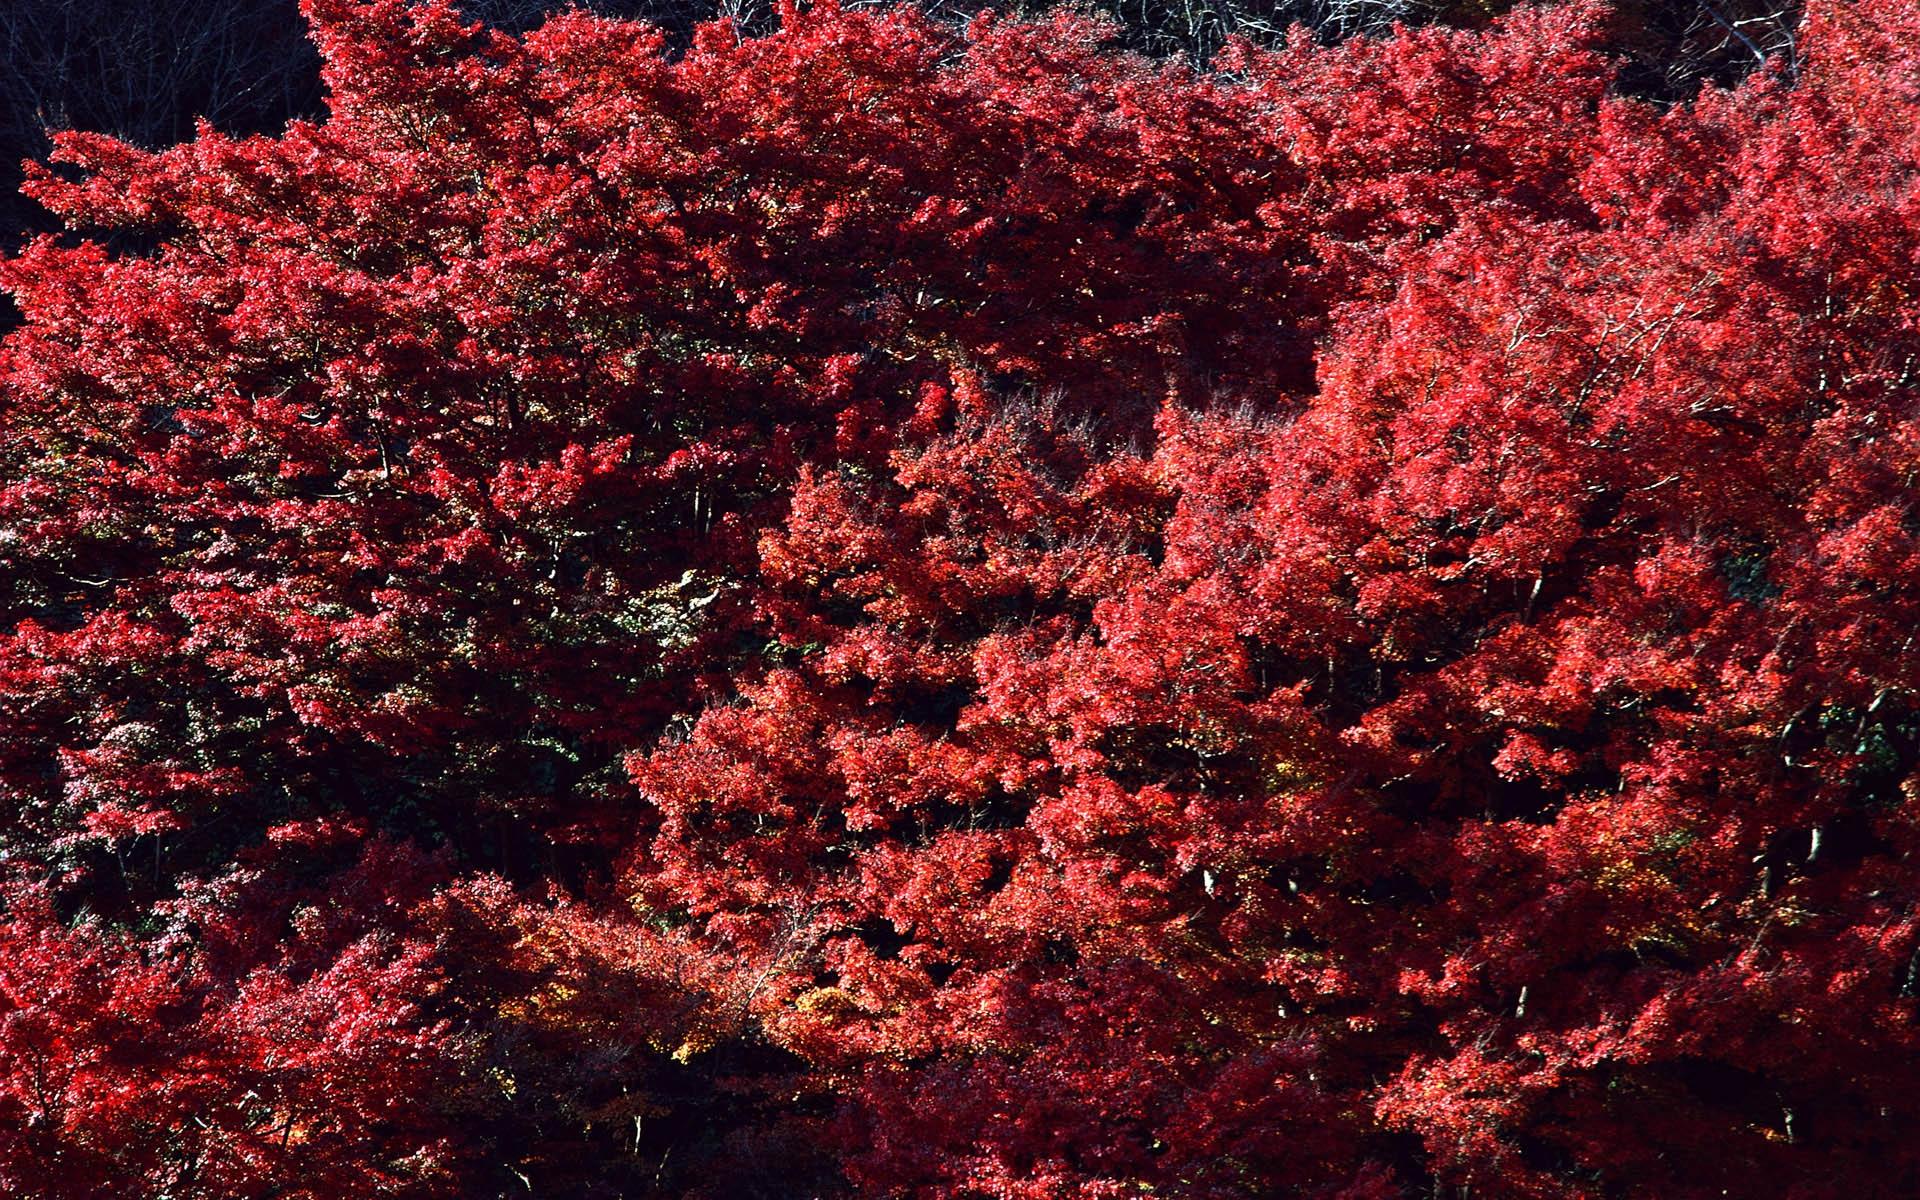 fond d'écran : des arbres, feuilles, rouge, branche, fleur, arbre, l